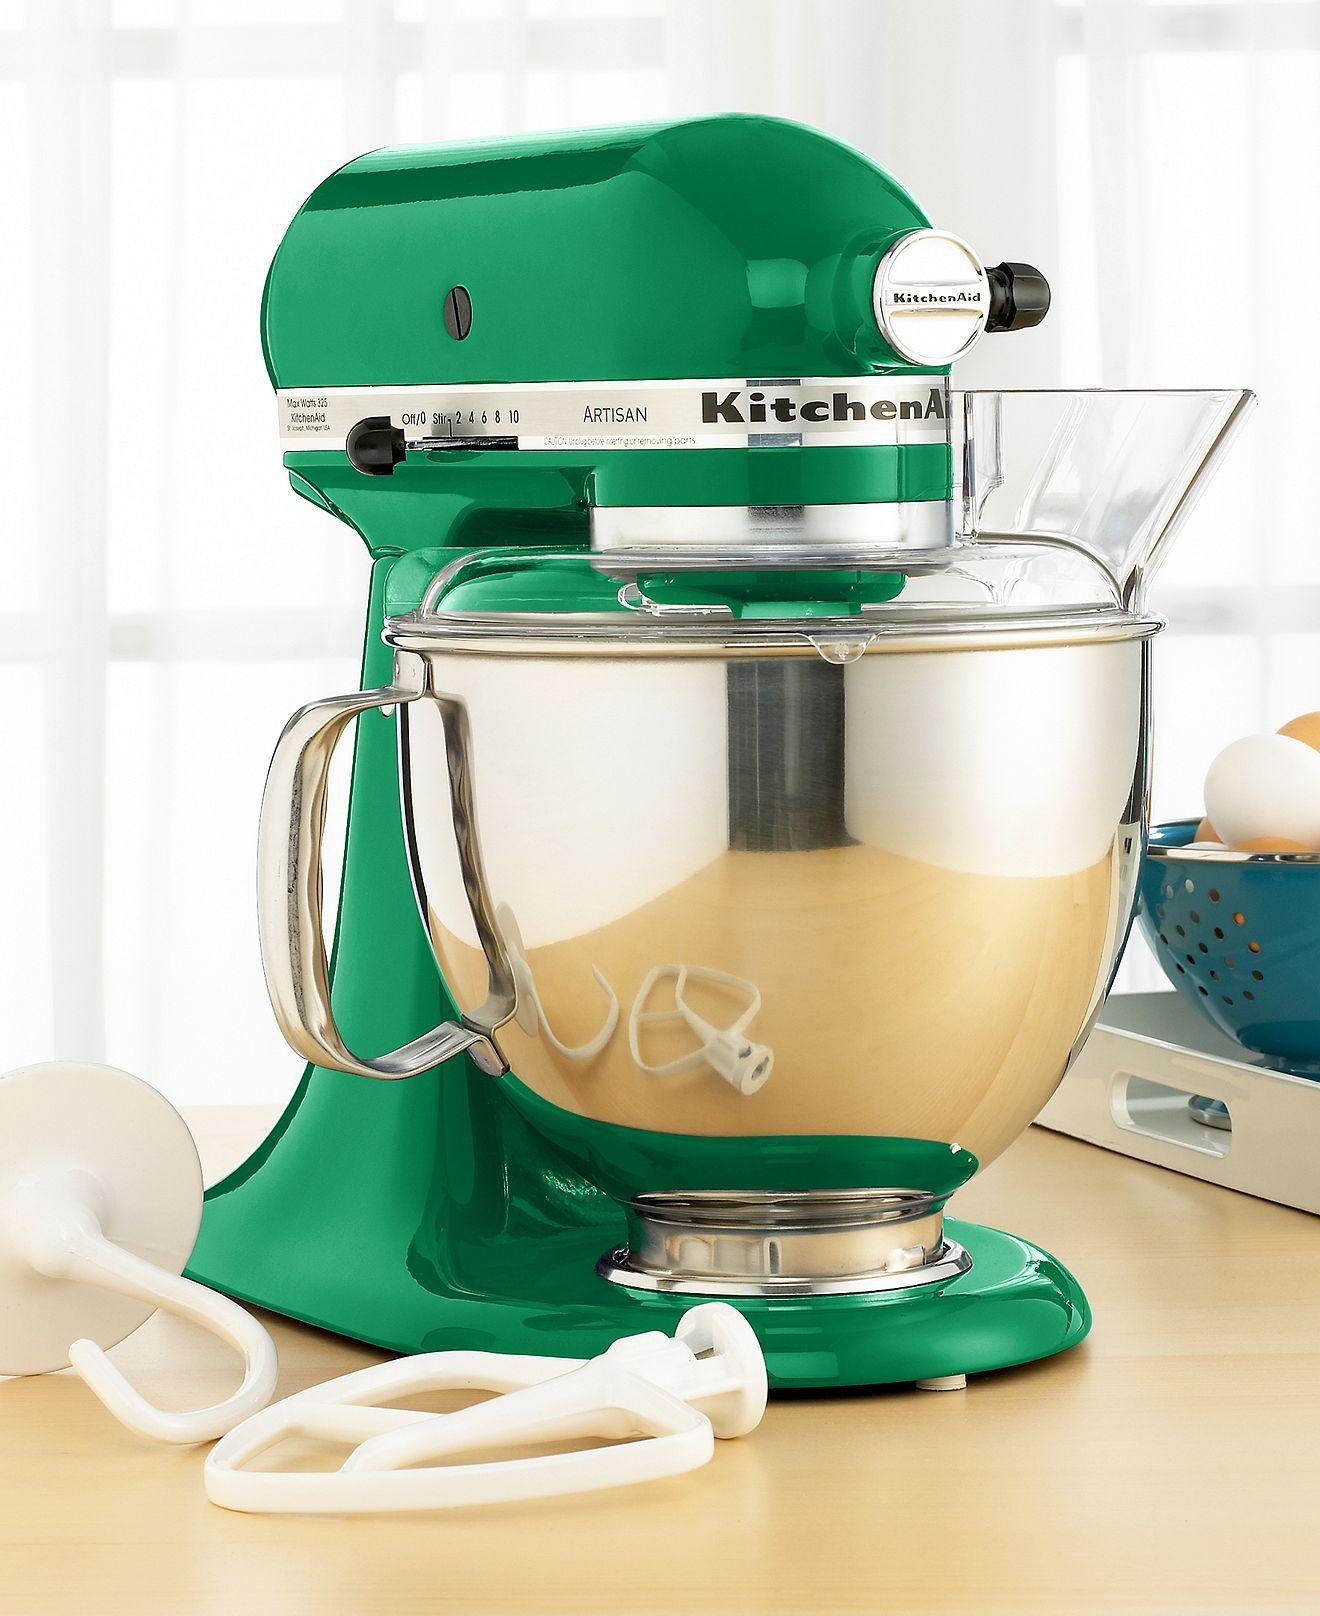 Kitchenaid Ksm150ps Stand Mixer 5 Qt Bayleaf Green Kitchenaid Artisan Kitchen Aid Kitchen Aid Mixer